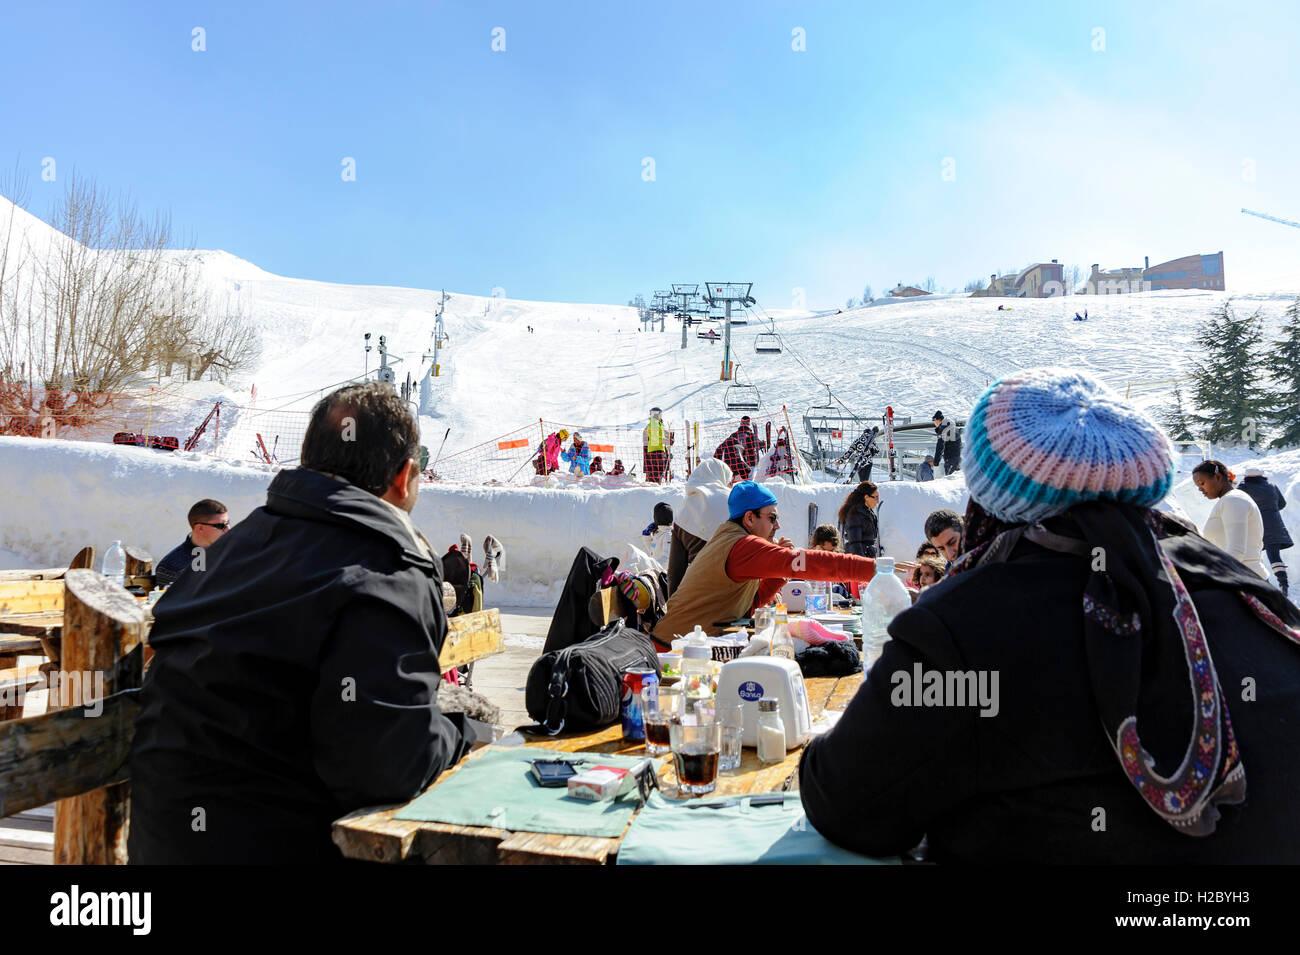 Gente comiendo y viendo otros esquiar en Mzaar Kfardebian (ex-Faraya) estación de esquí, el Líbano Imagen De Stock